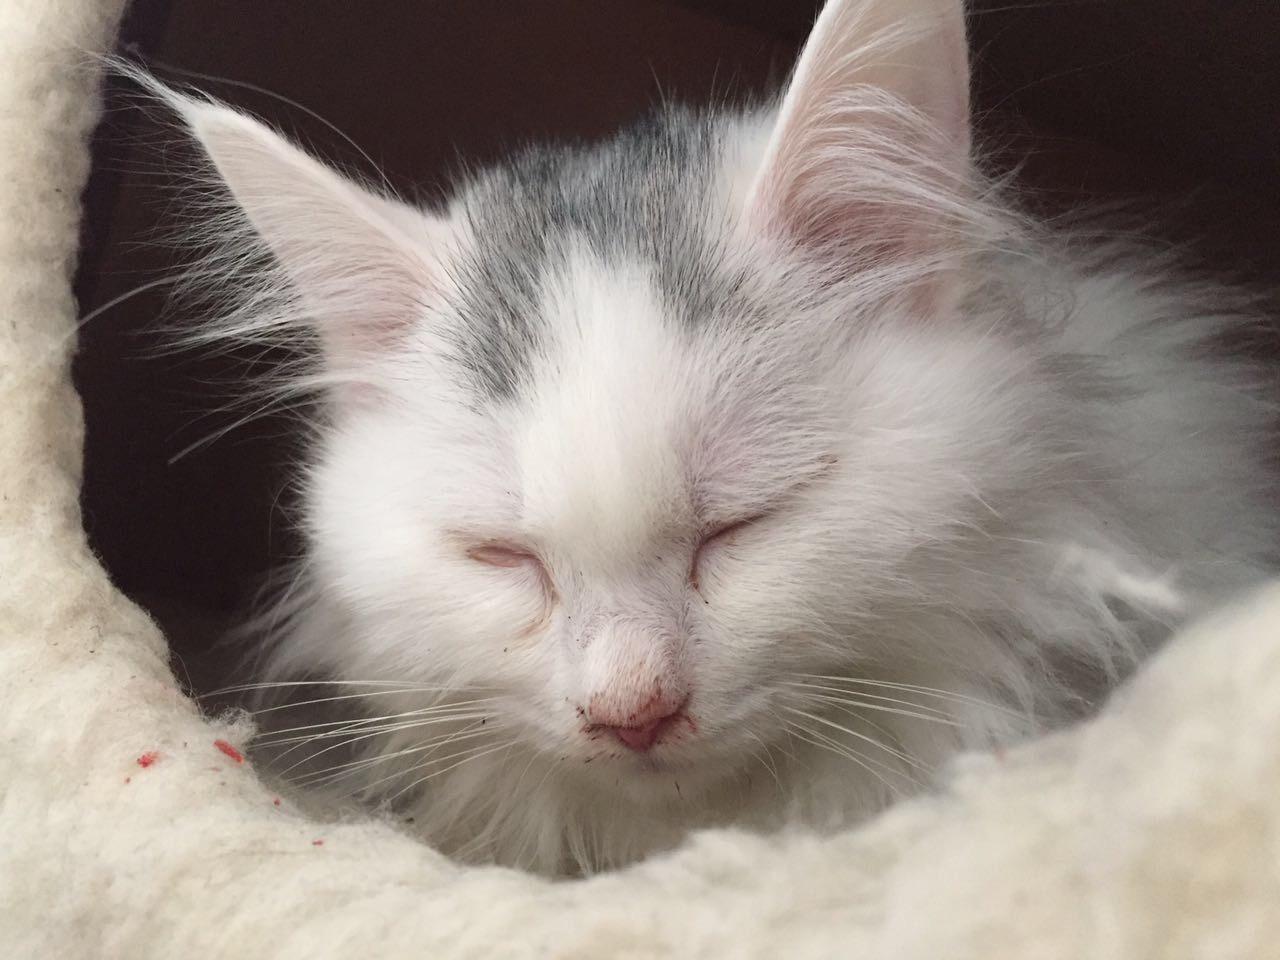 三个月幼猫流鼻血 打喷嚏 发抖